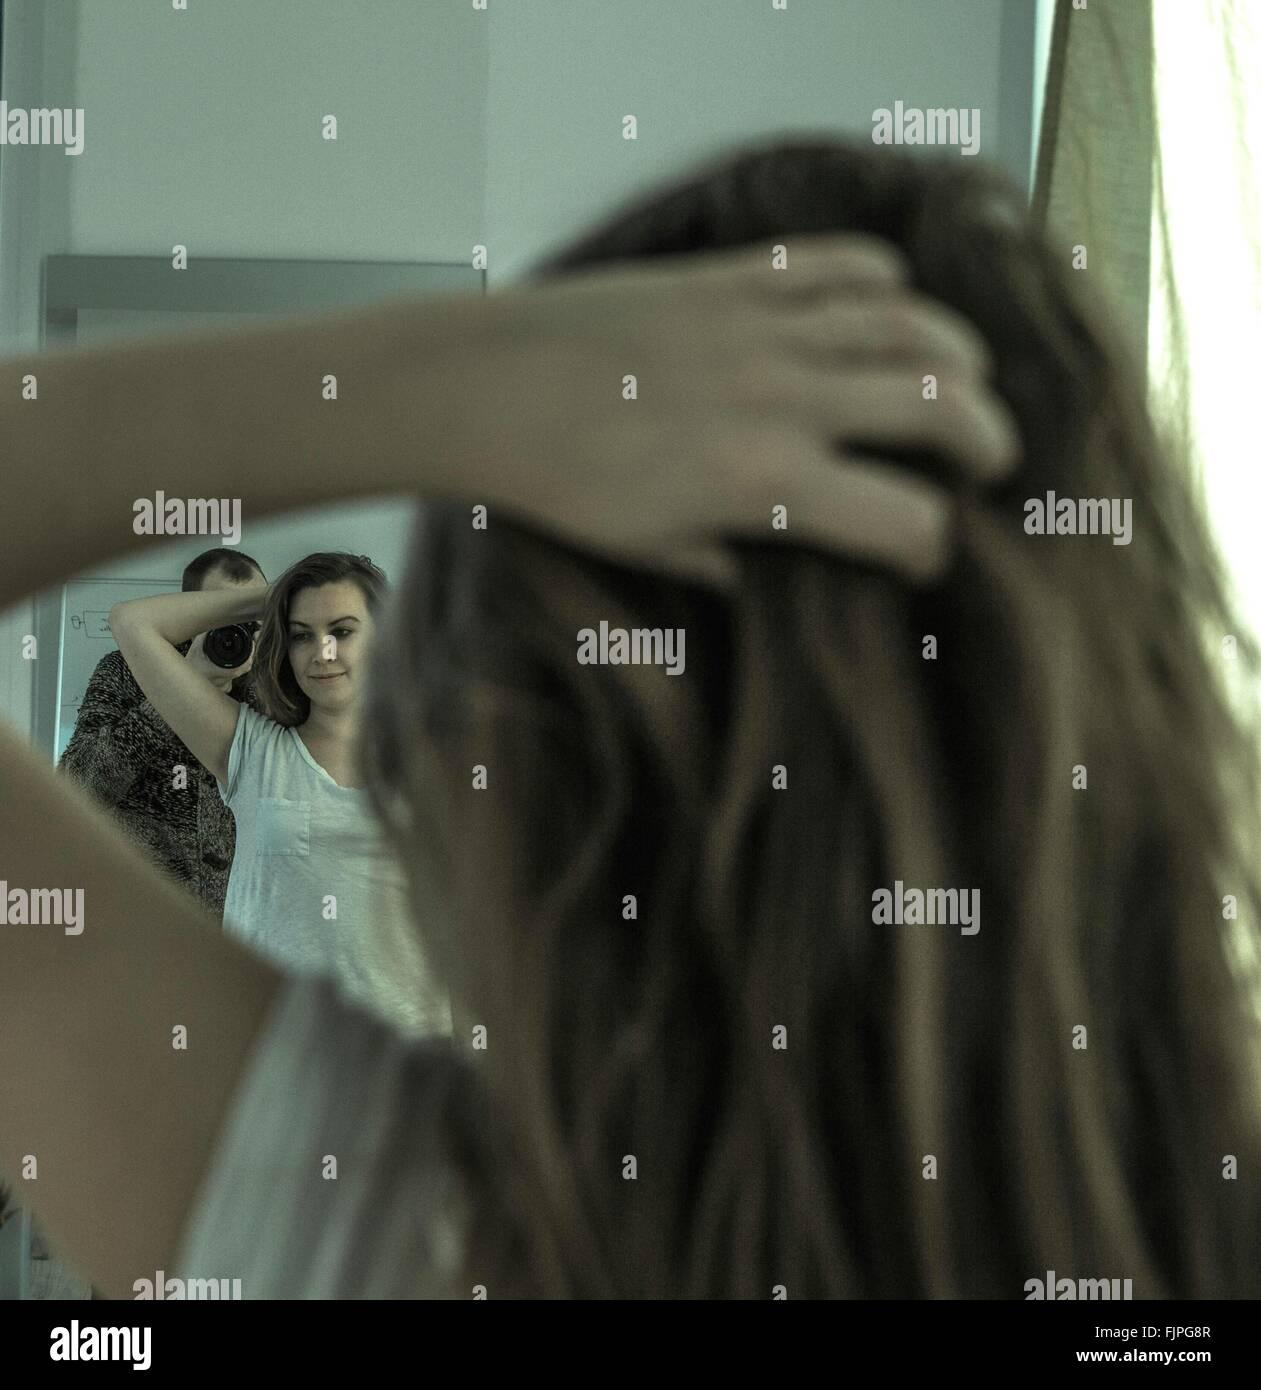 Hombre Mujer fotografía con la mano en el cabello mientras se refleja en el espejo en casa Imagen De Stock